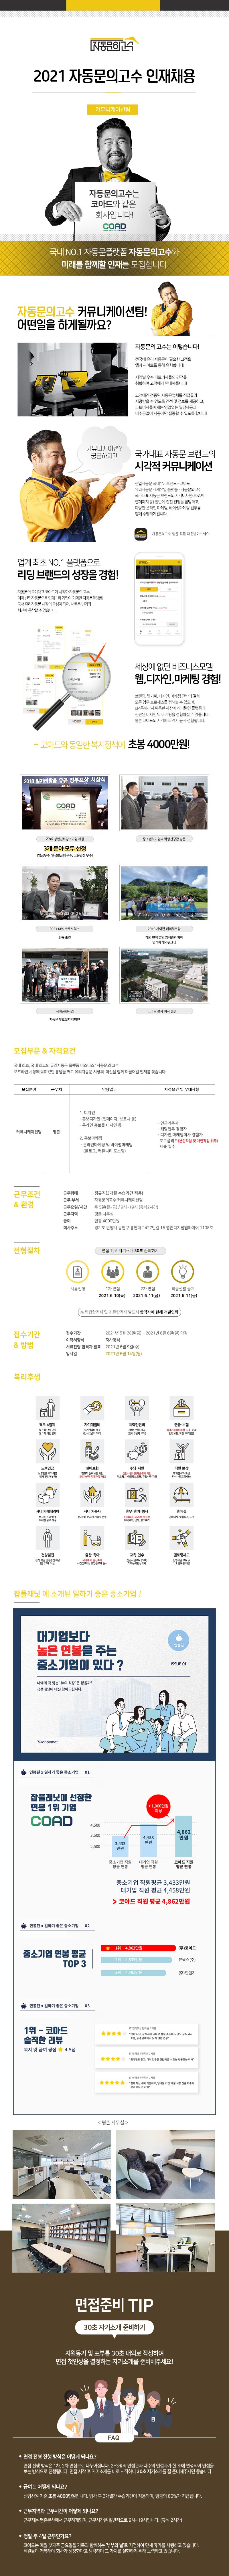 채용공고_자동문의고수 커뮤니케이션(21.05)-김이사수정